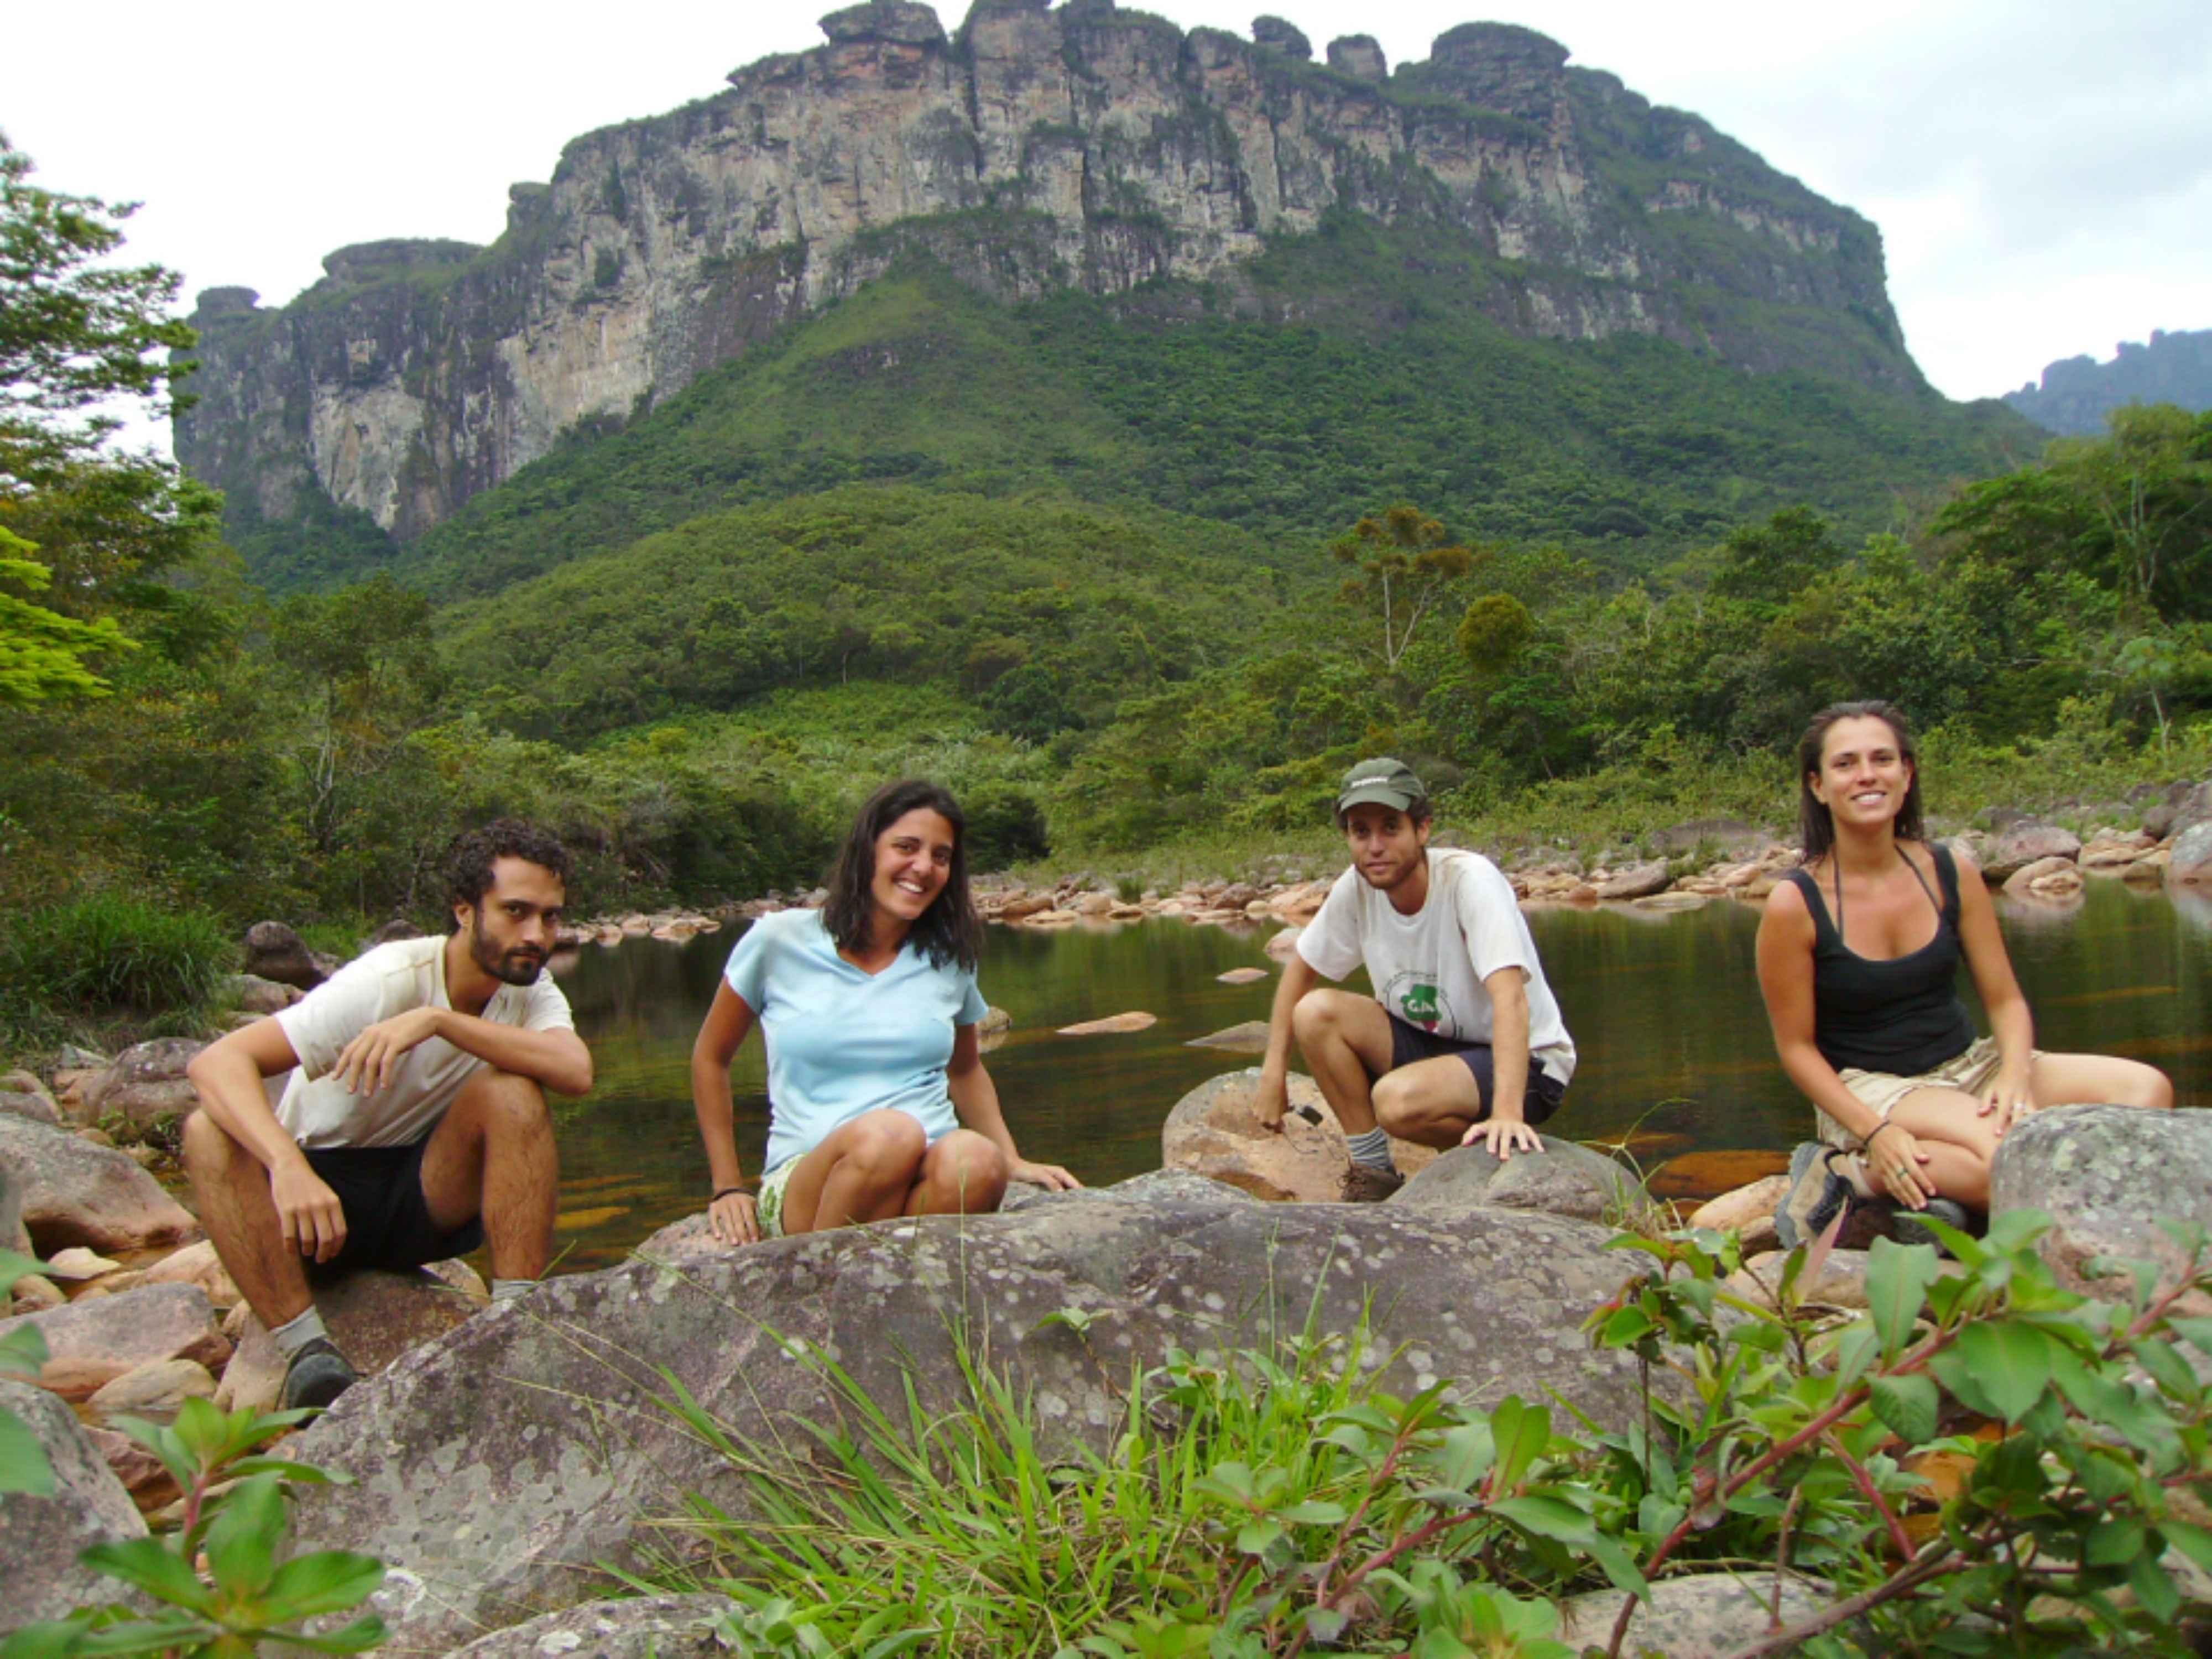 Serra do Sobrado